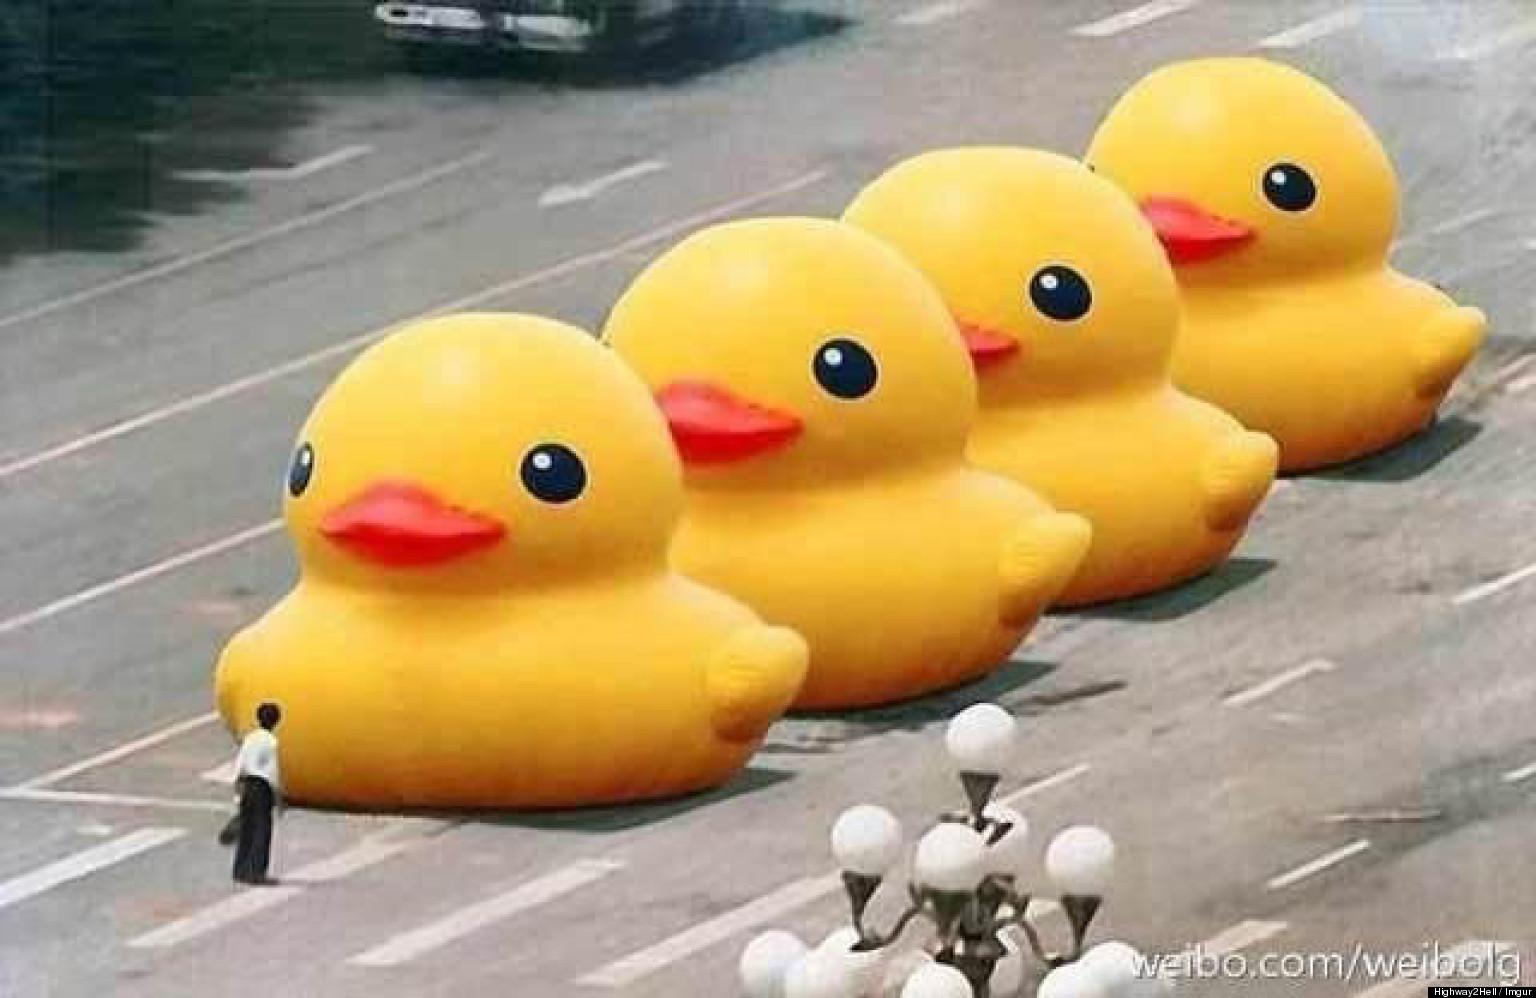 Rubber Duck Tiananmen Square  Duck